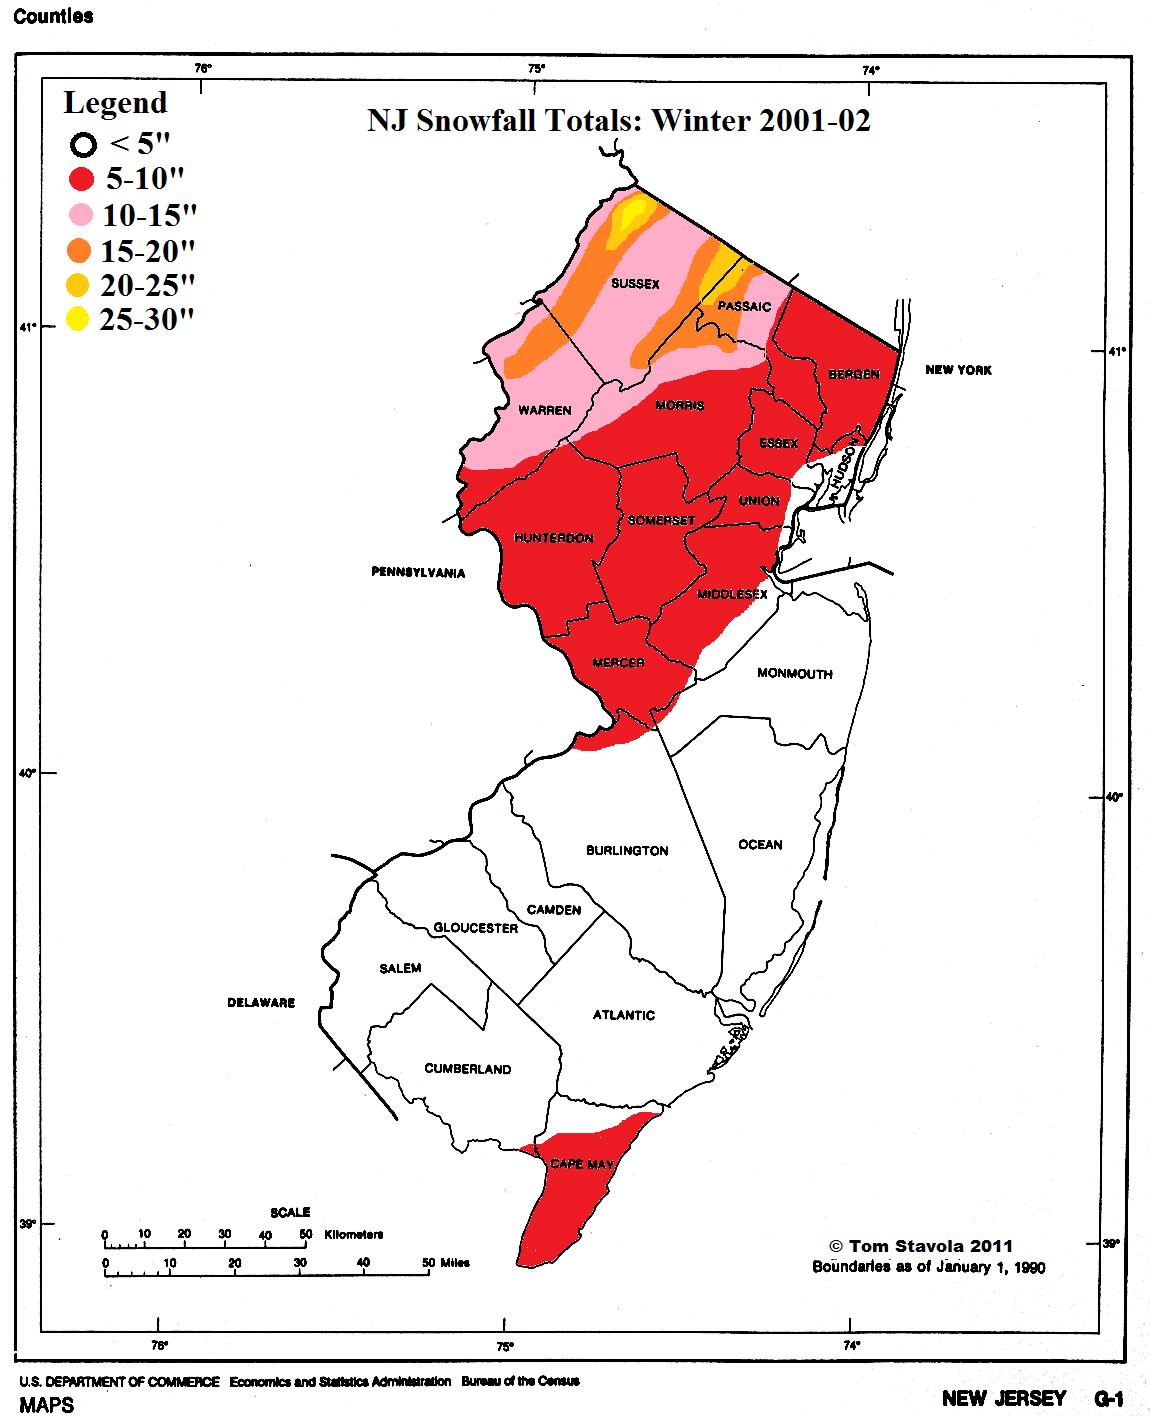 NJ 2001 to 2002